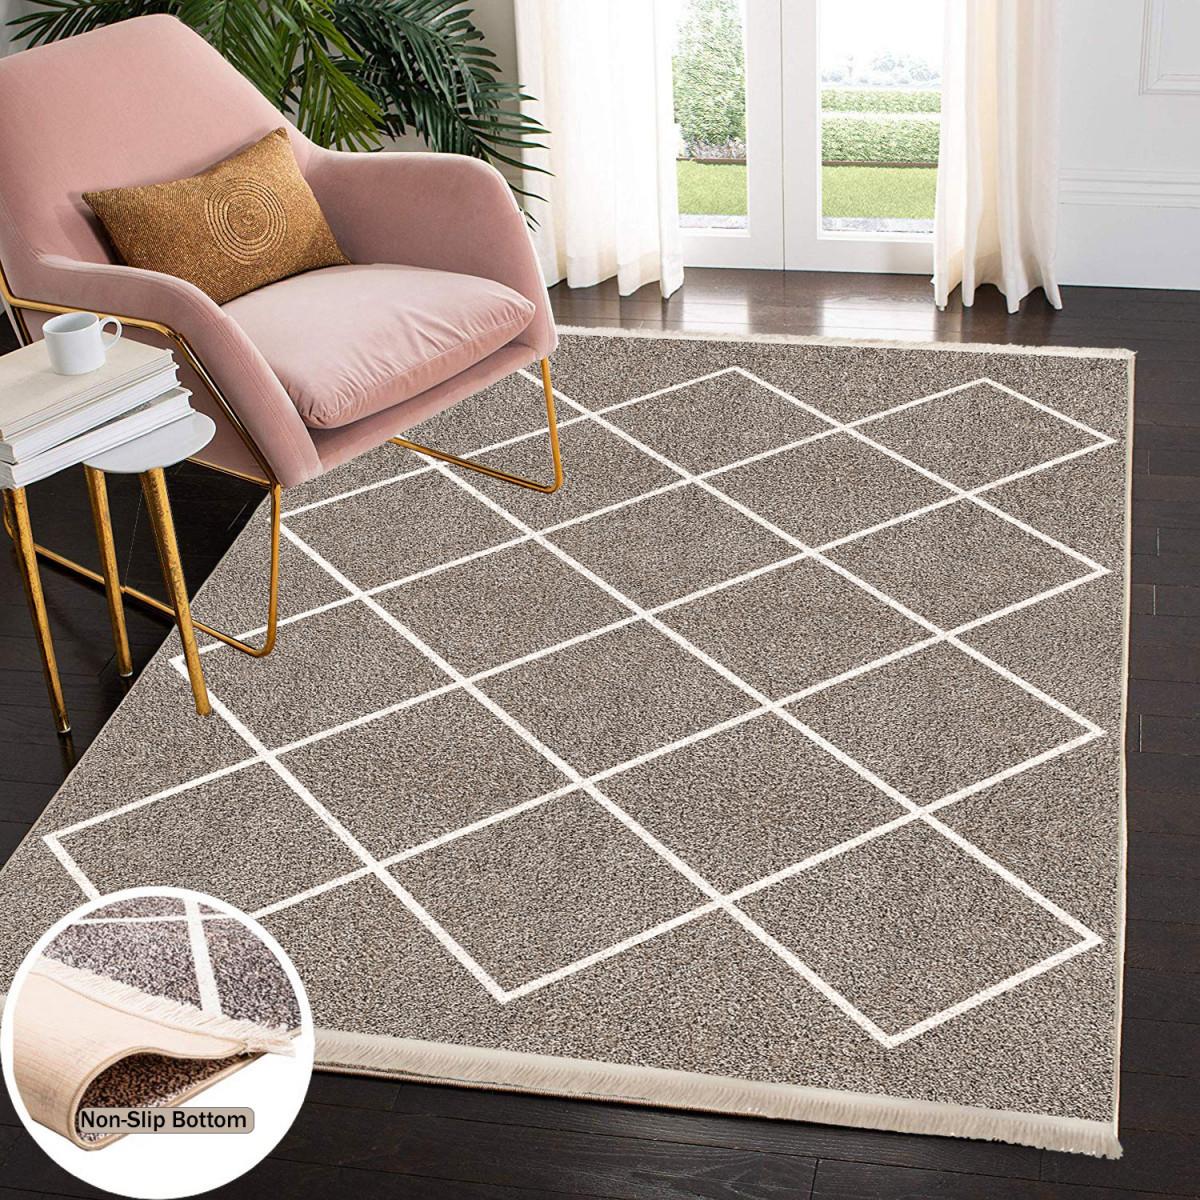 Waschbarer Teppich Wohnzimmer Küche Läufer Flur Teppichläufer  Küchenteppich Teppich Waschbare von Teppich Für Wohnzimmer Photo